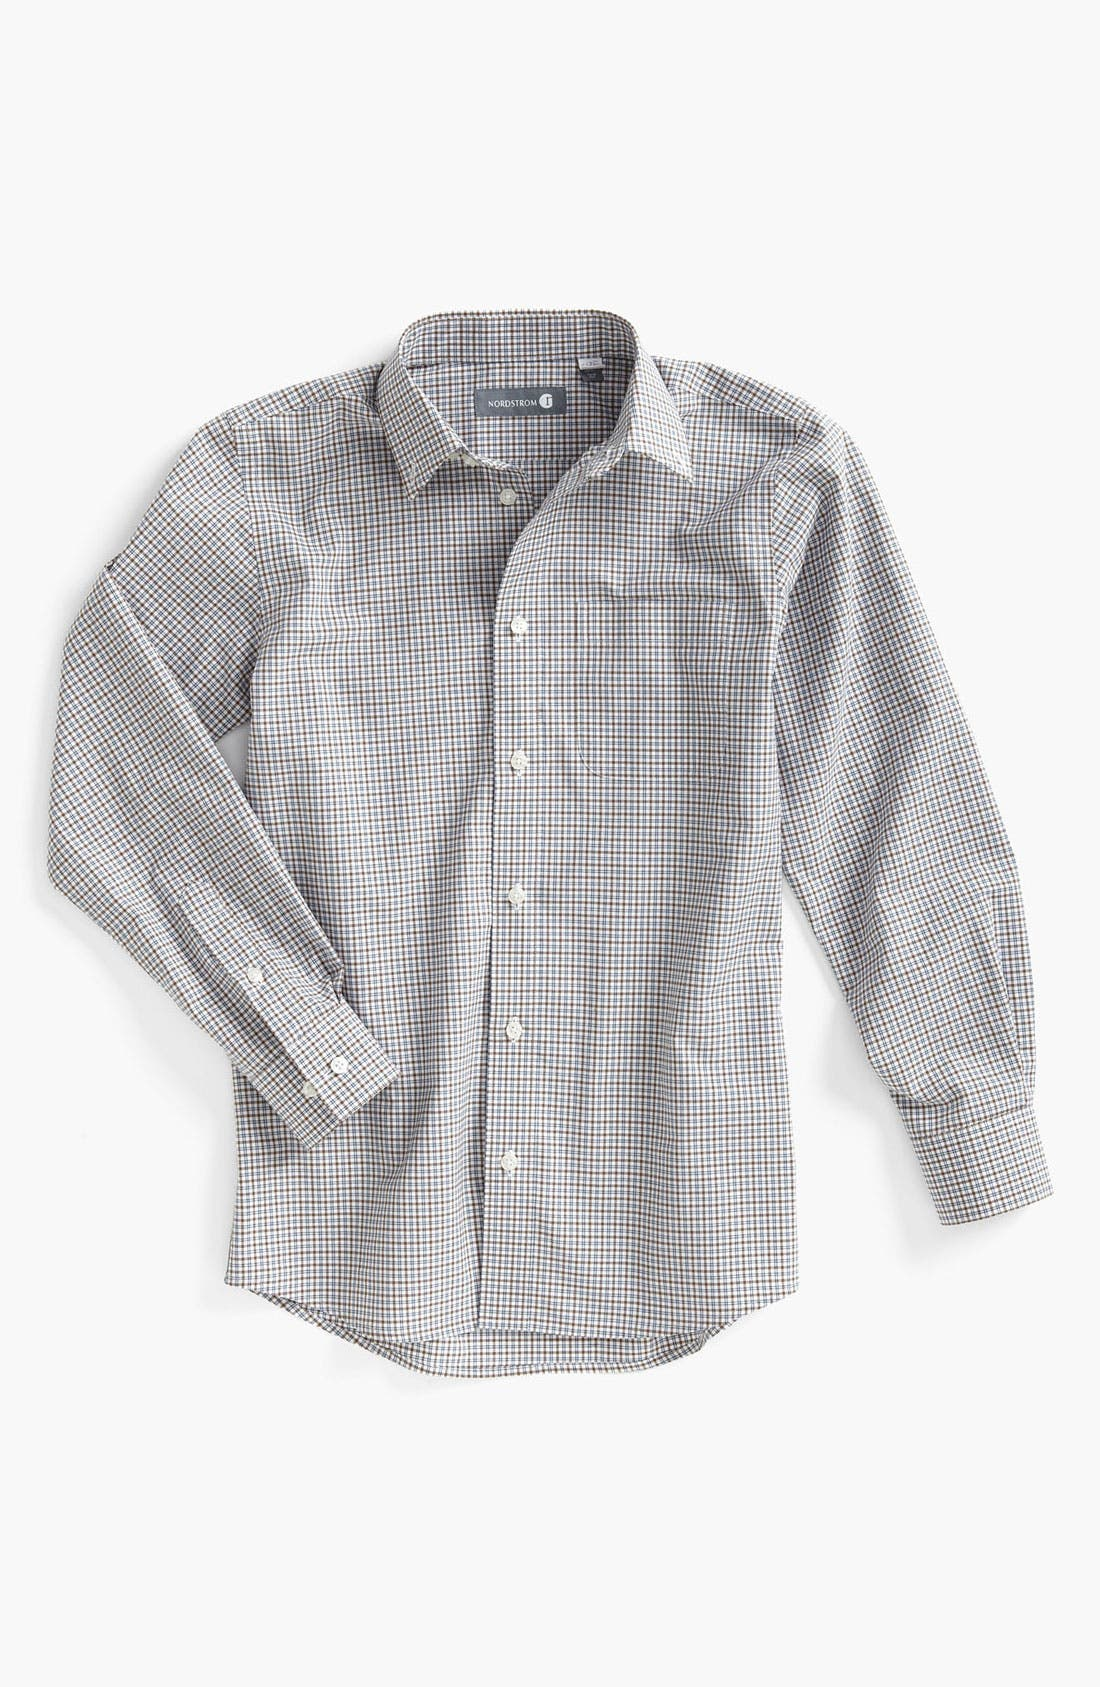 Alternate Image 1 Selected - Nordstrom Gingham Dress Shirt (Little Boys)